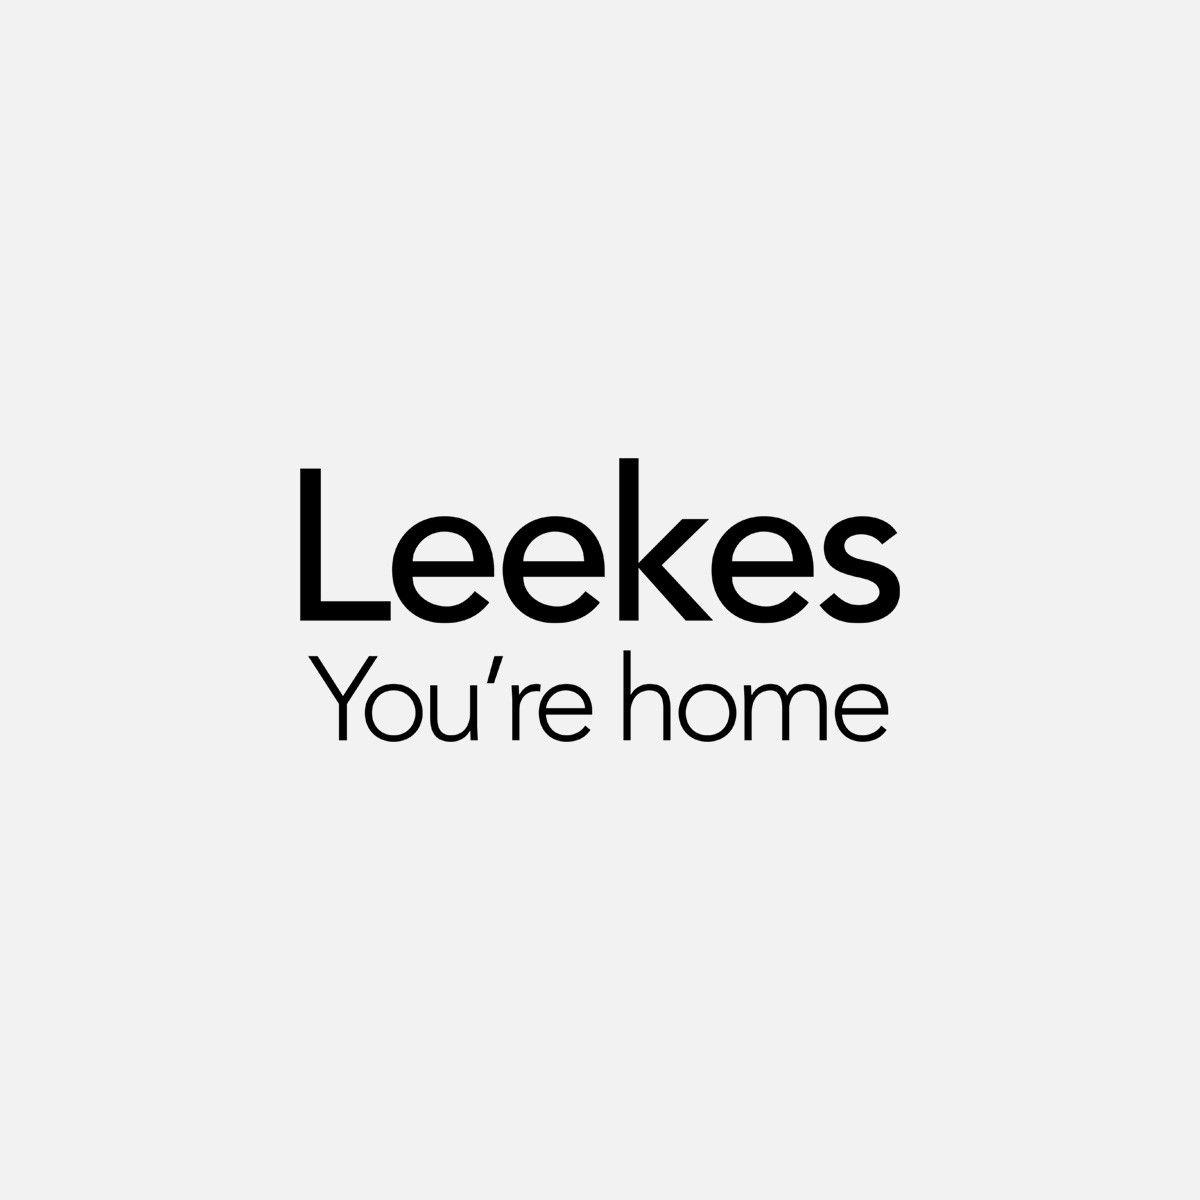 York kg cast iron disc leekes